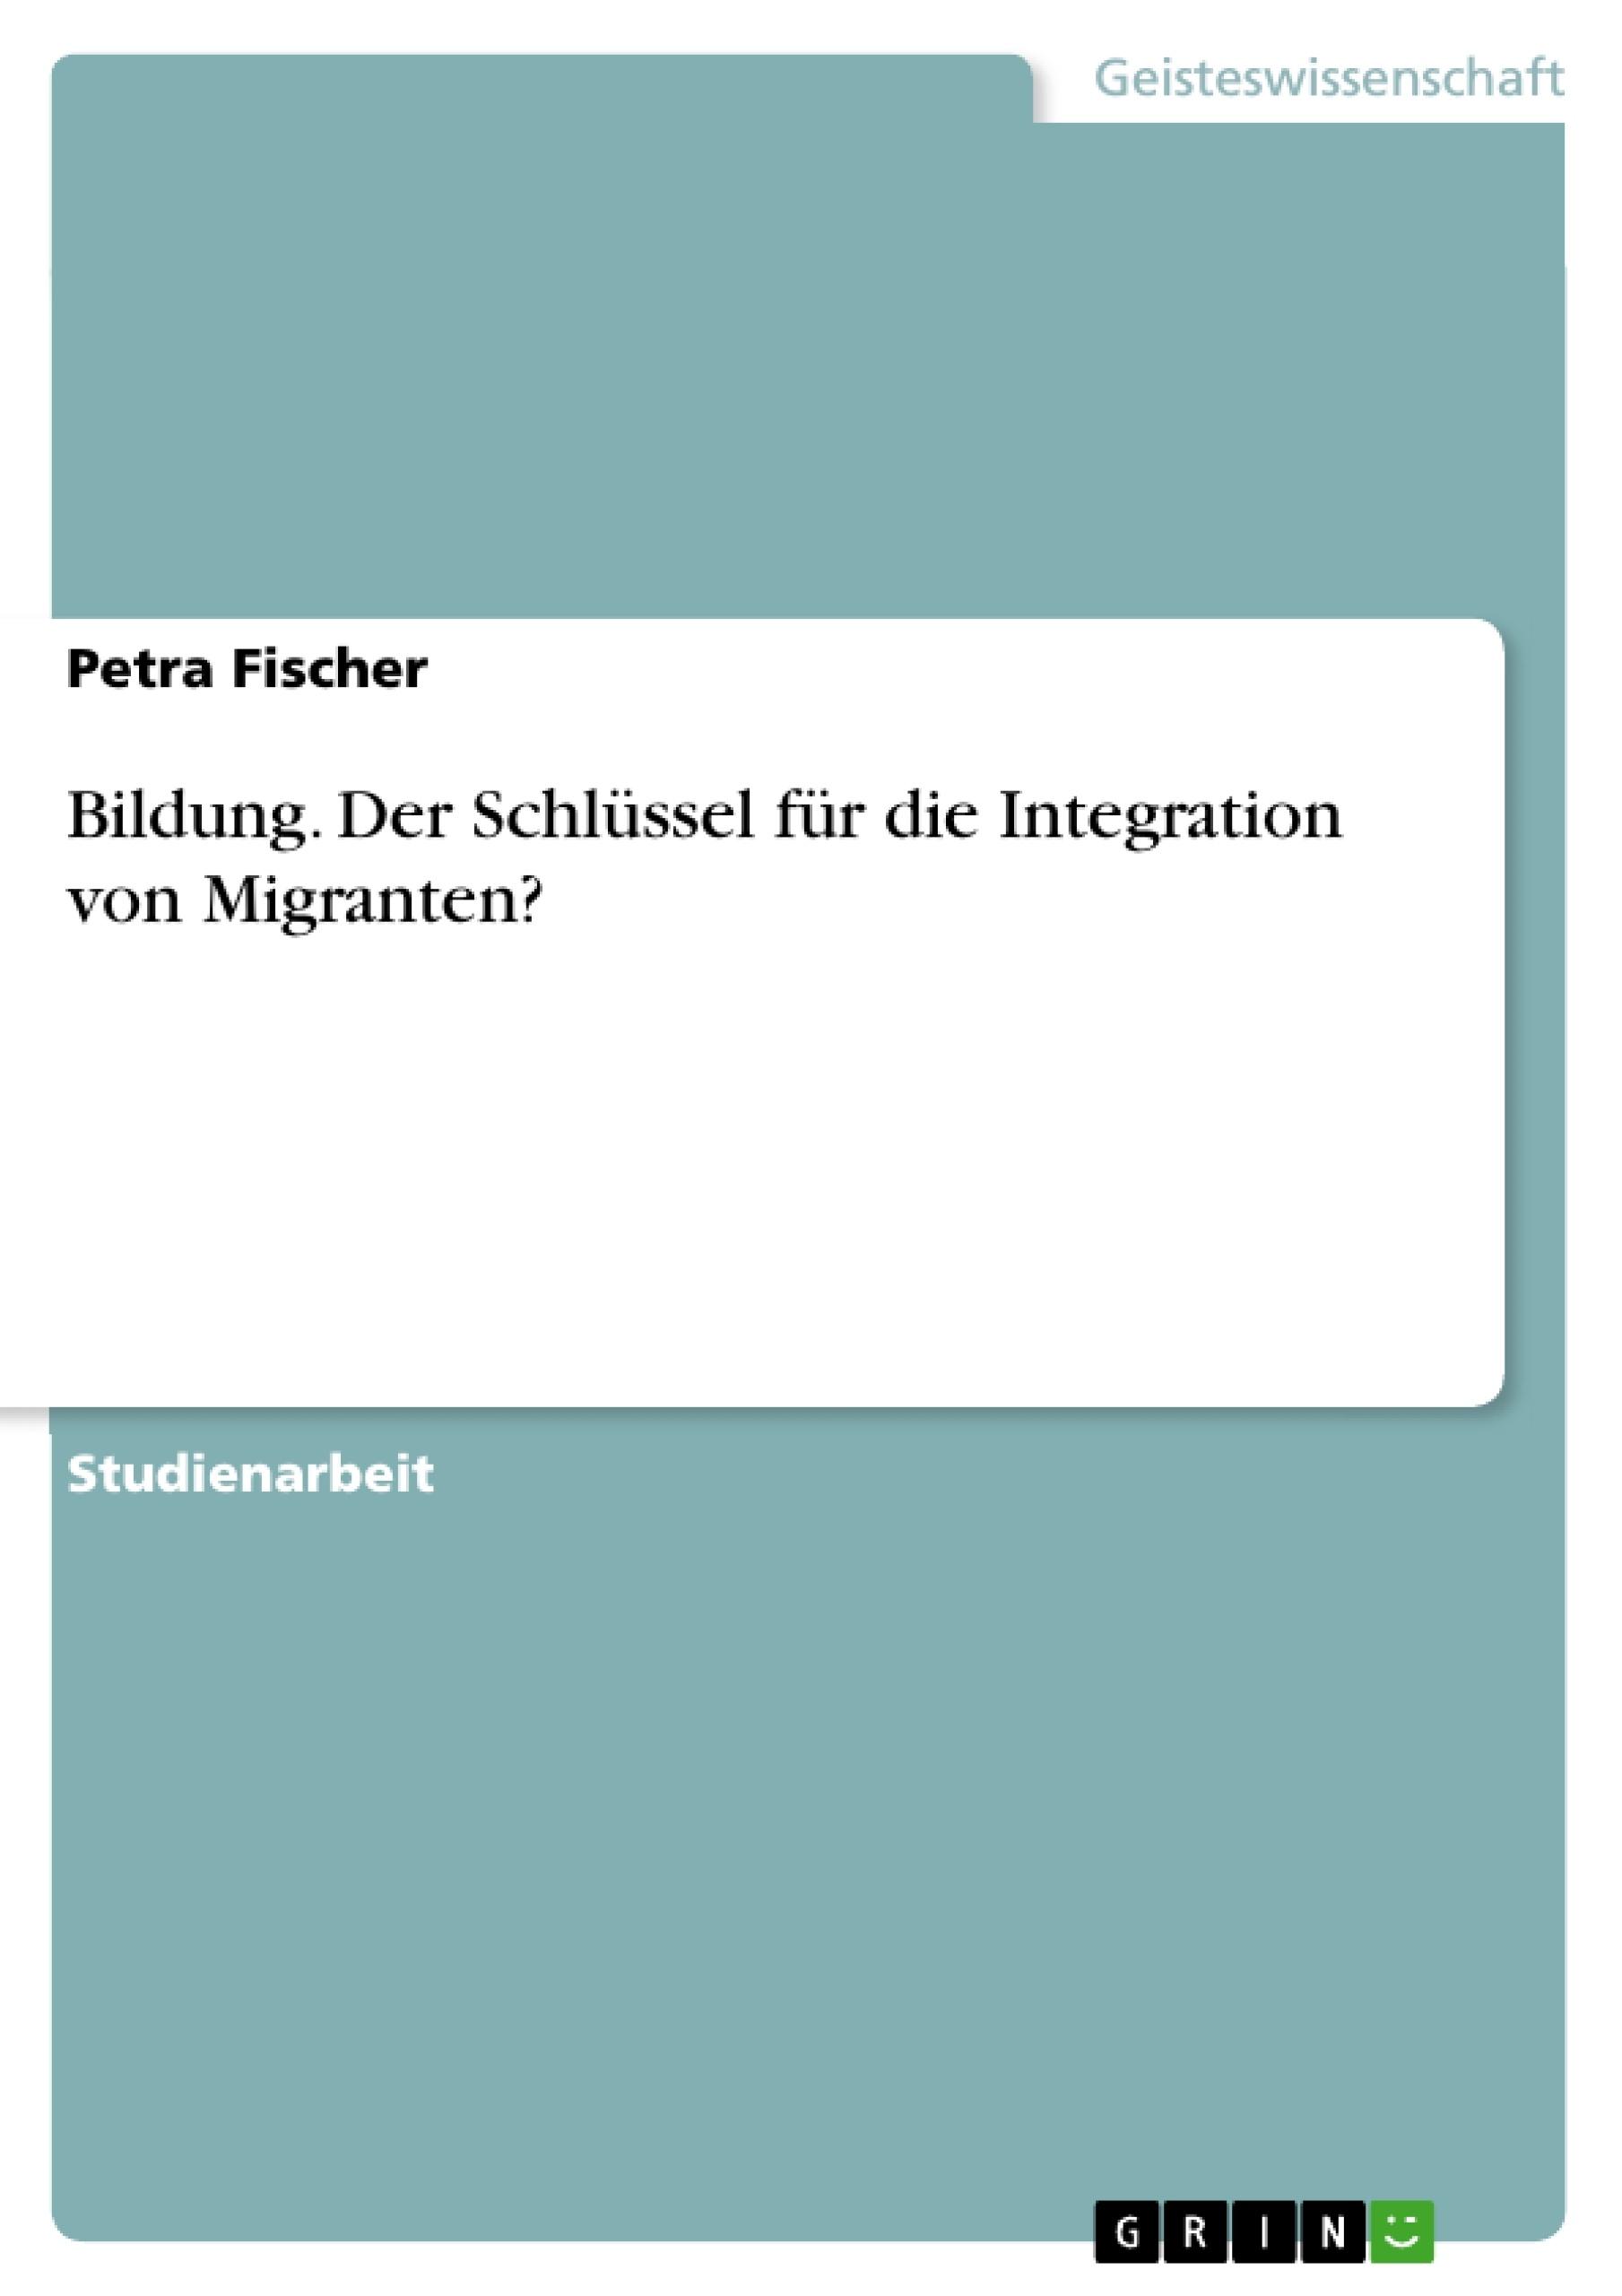 Titel: Bildung. Der Schlüssel für die Integration von Migranten?